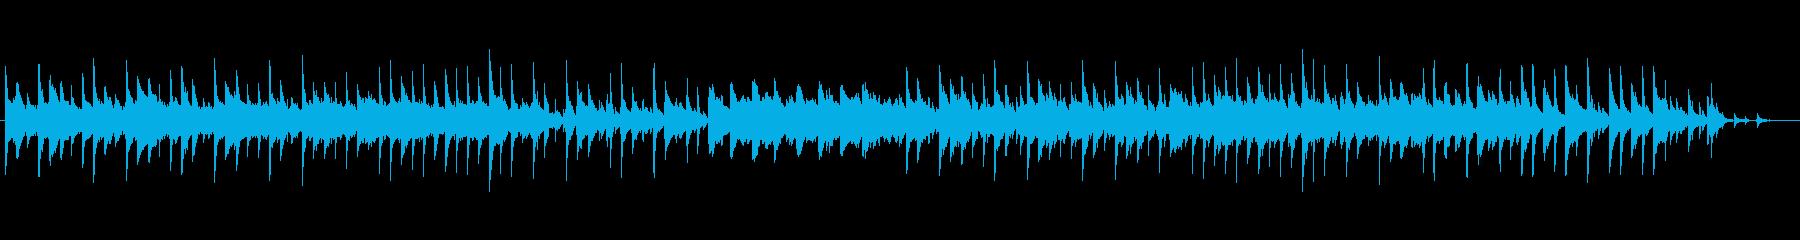 少年時代を懐古させるメルヘンチックソングの再生済みの波形